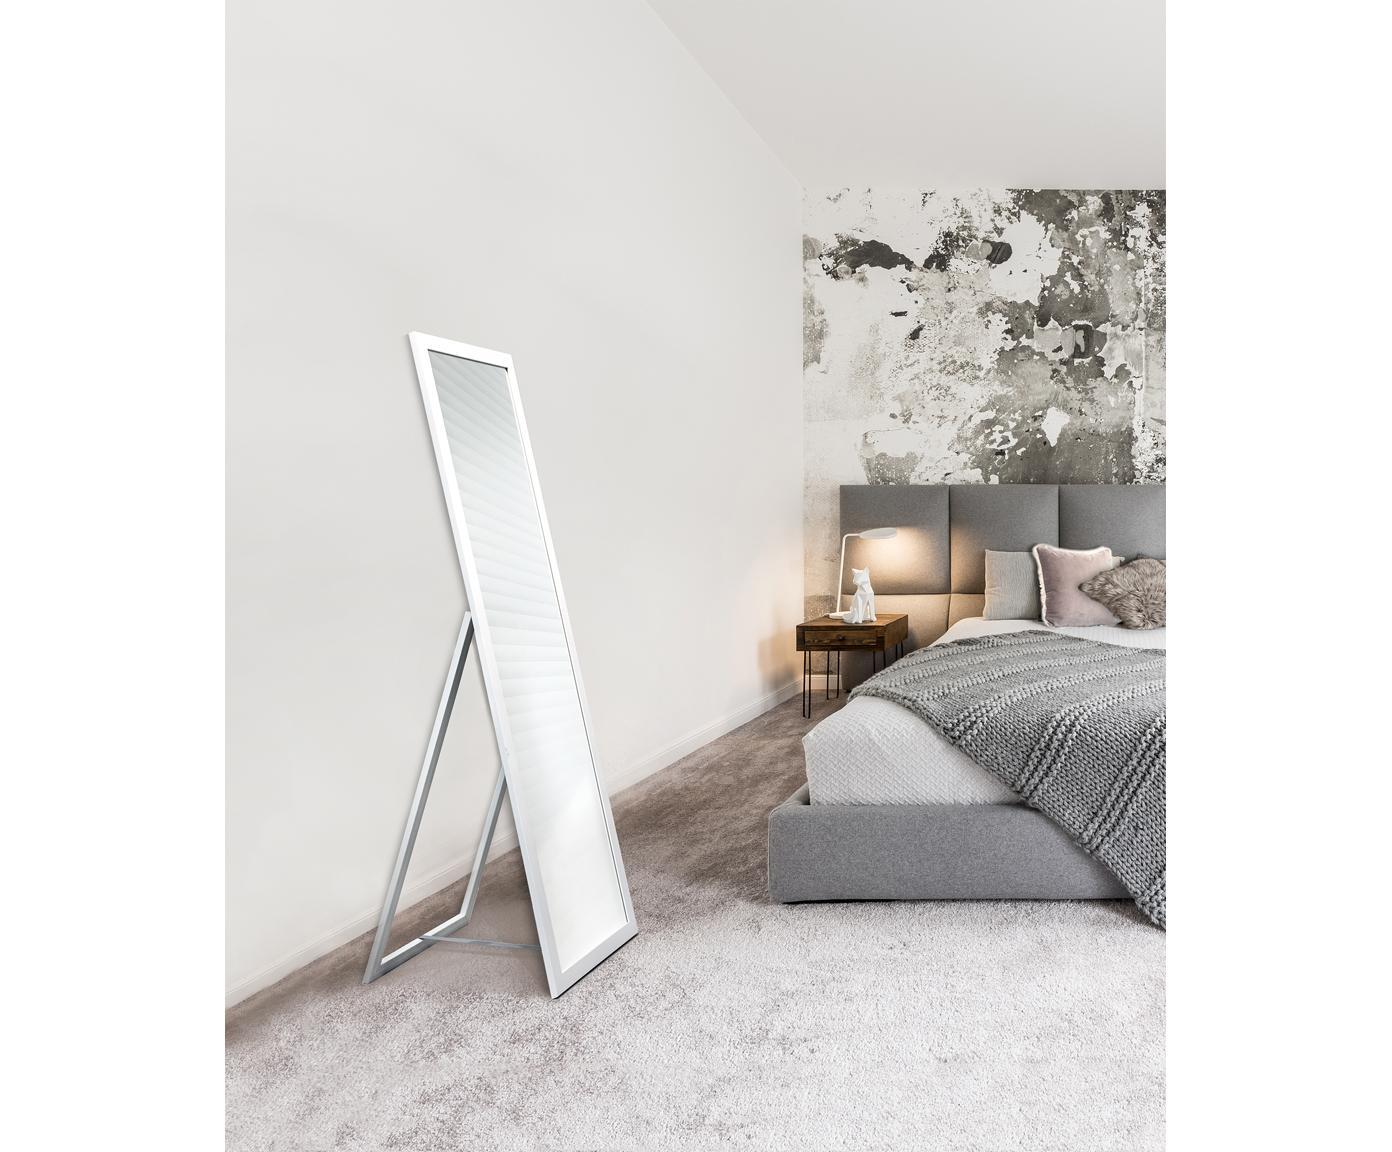 Lustro stojące Oslo, Biały, S 40 x W 160 cm